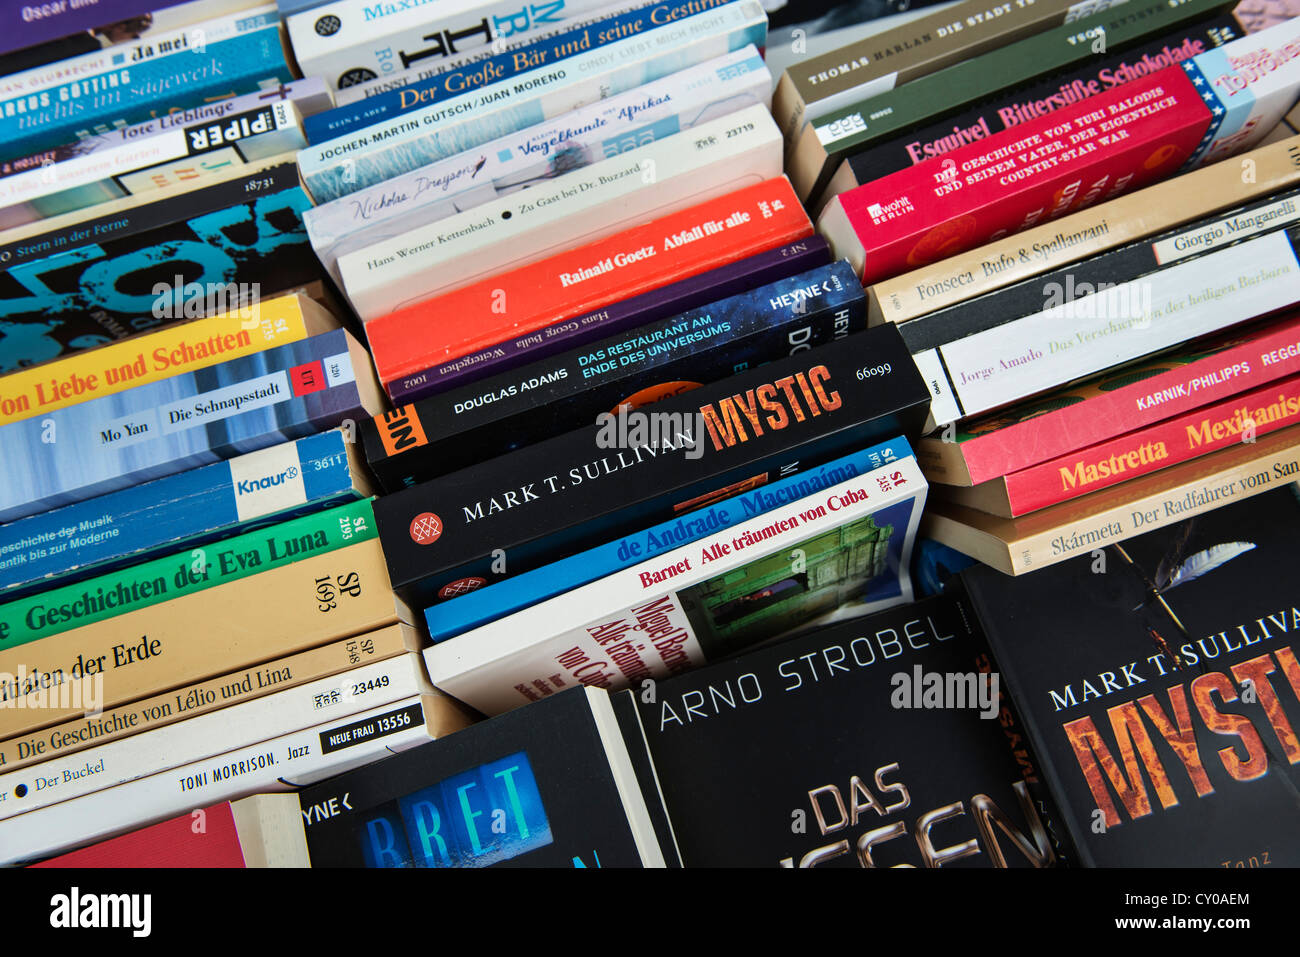 Buchen Sie Markt, Flohmarkt, Romane, Taschenbücher, Belletristik Stockbild